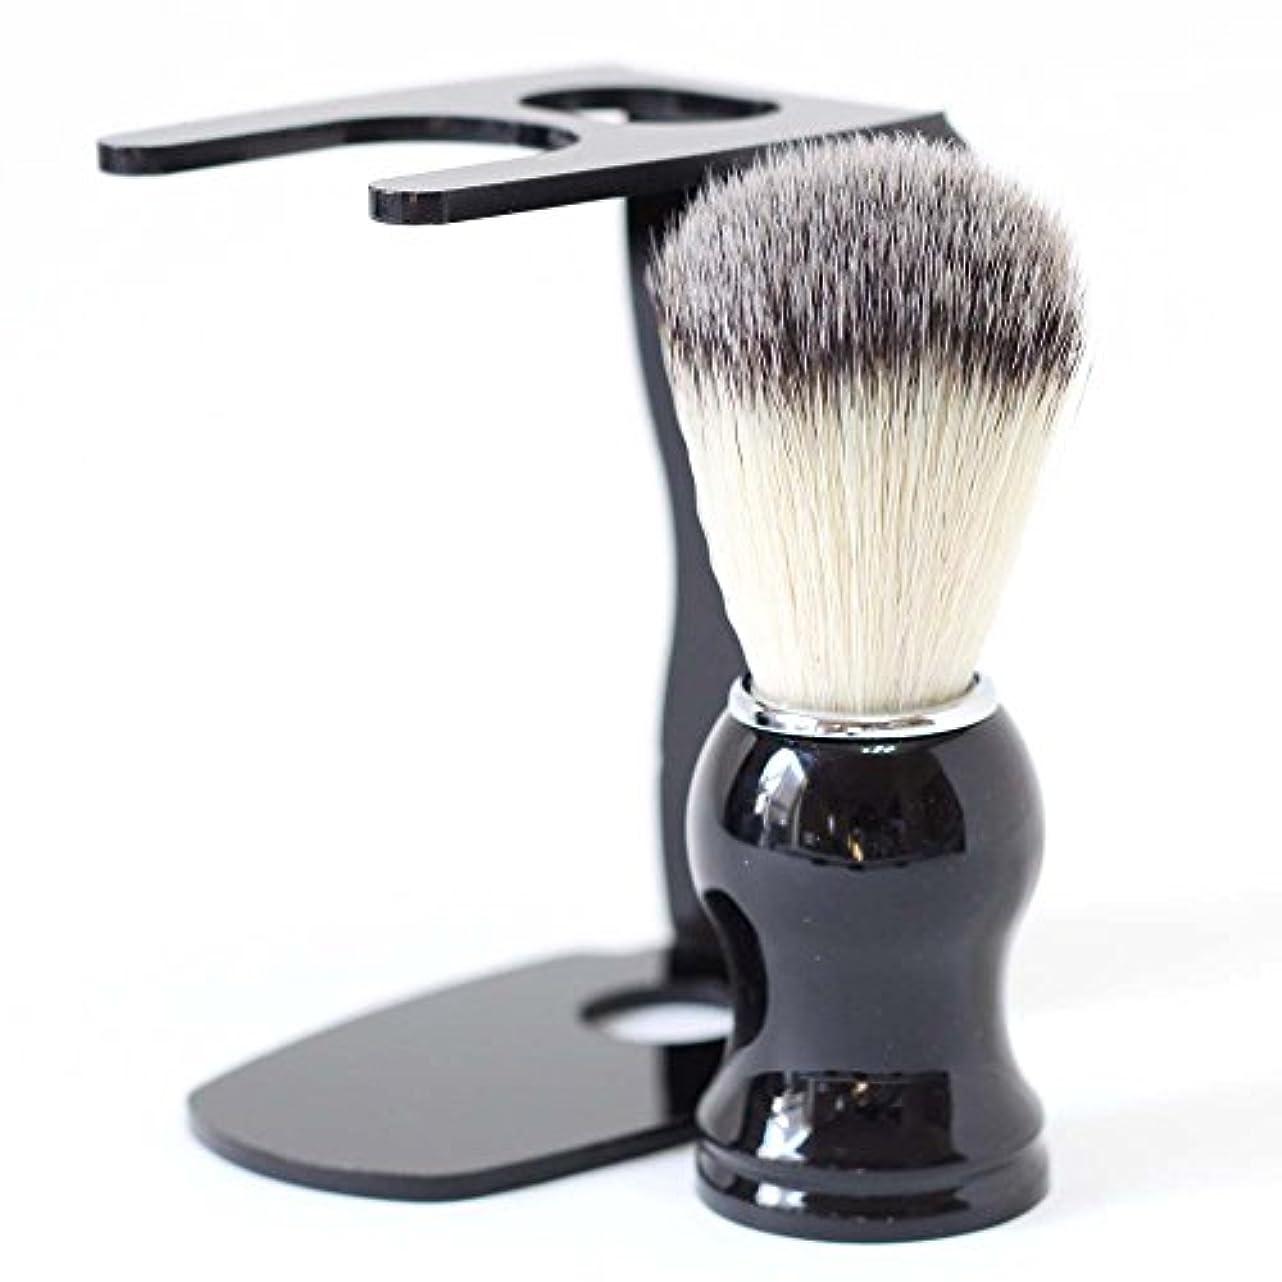 コンバーチブル石膏望む【Barsado】泡立ちが違う 100% アナグマ 毛 シェービング ブラシ スタンド付き/理容 洗顔 髭剃り マッサージ 効果